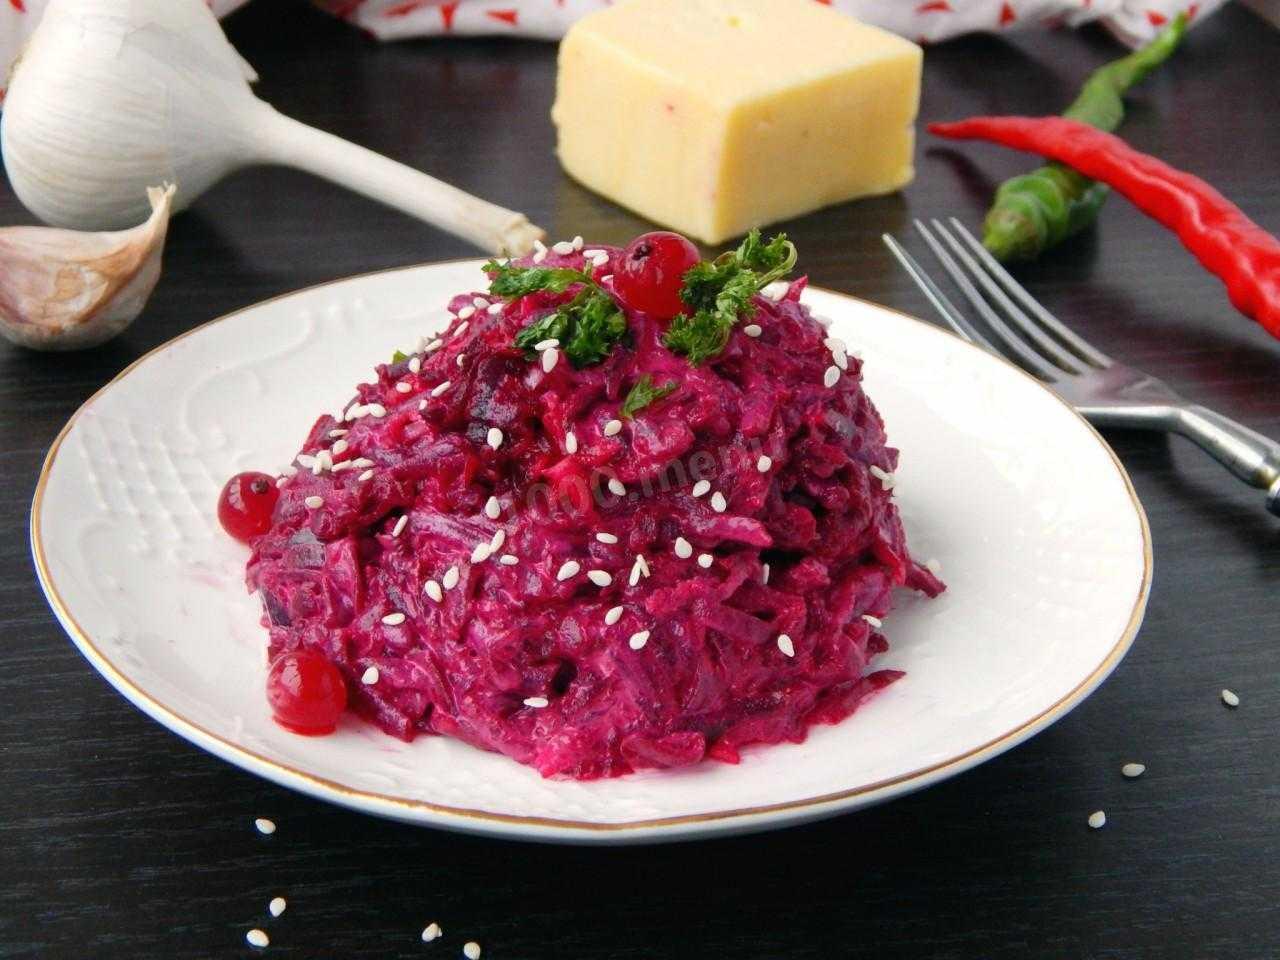 Салат с сыром фета – полезно и чень вкусно! рецепт с фото и видео